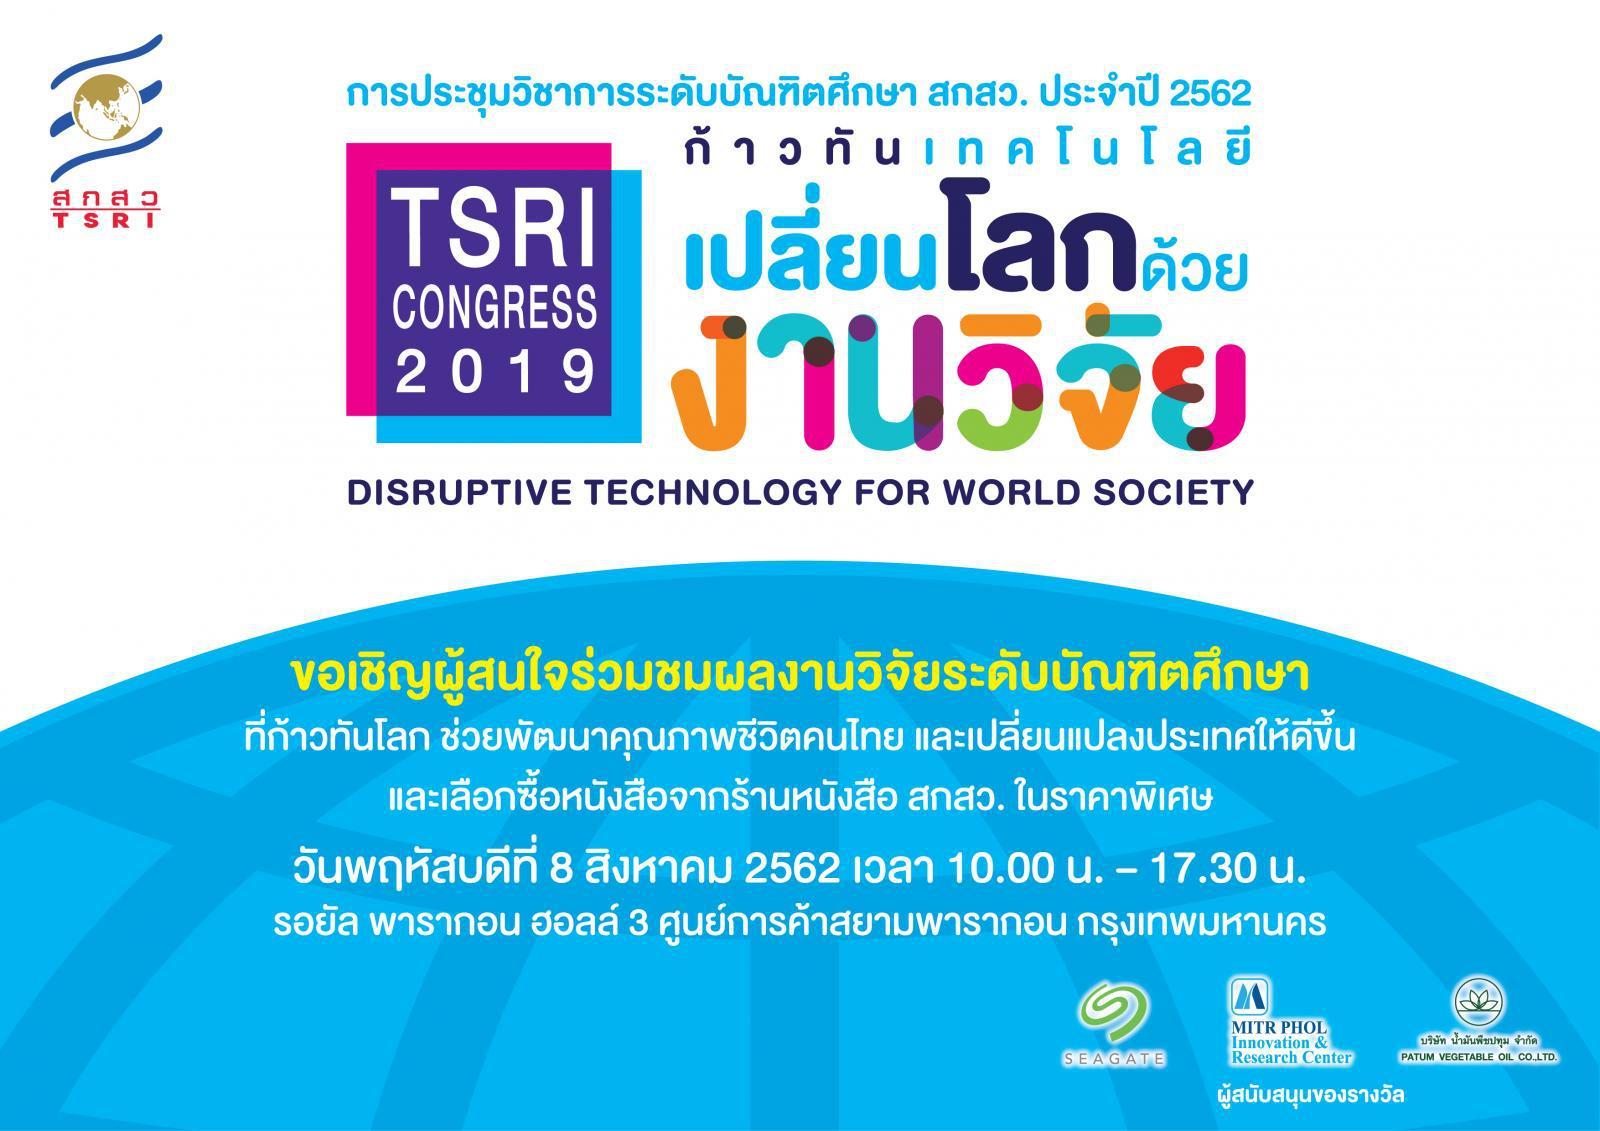 """สกสว.ชวนคนไทยชมผลงานบัณฑิตศึกษา """"ก้าวทันเทคโนโลยีเปลี่ยนโลกด้วยงานวิจัย"""""""